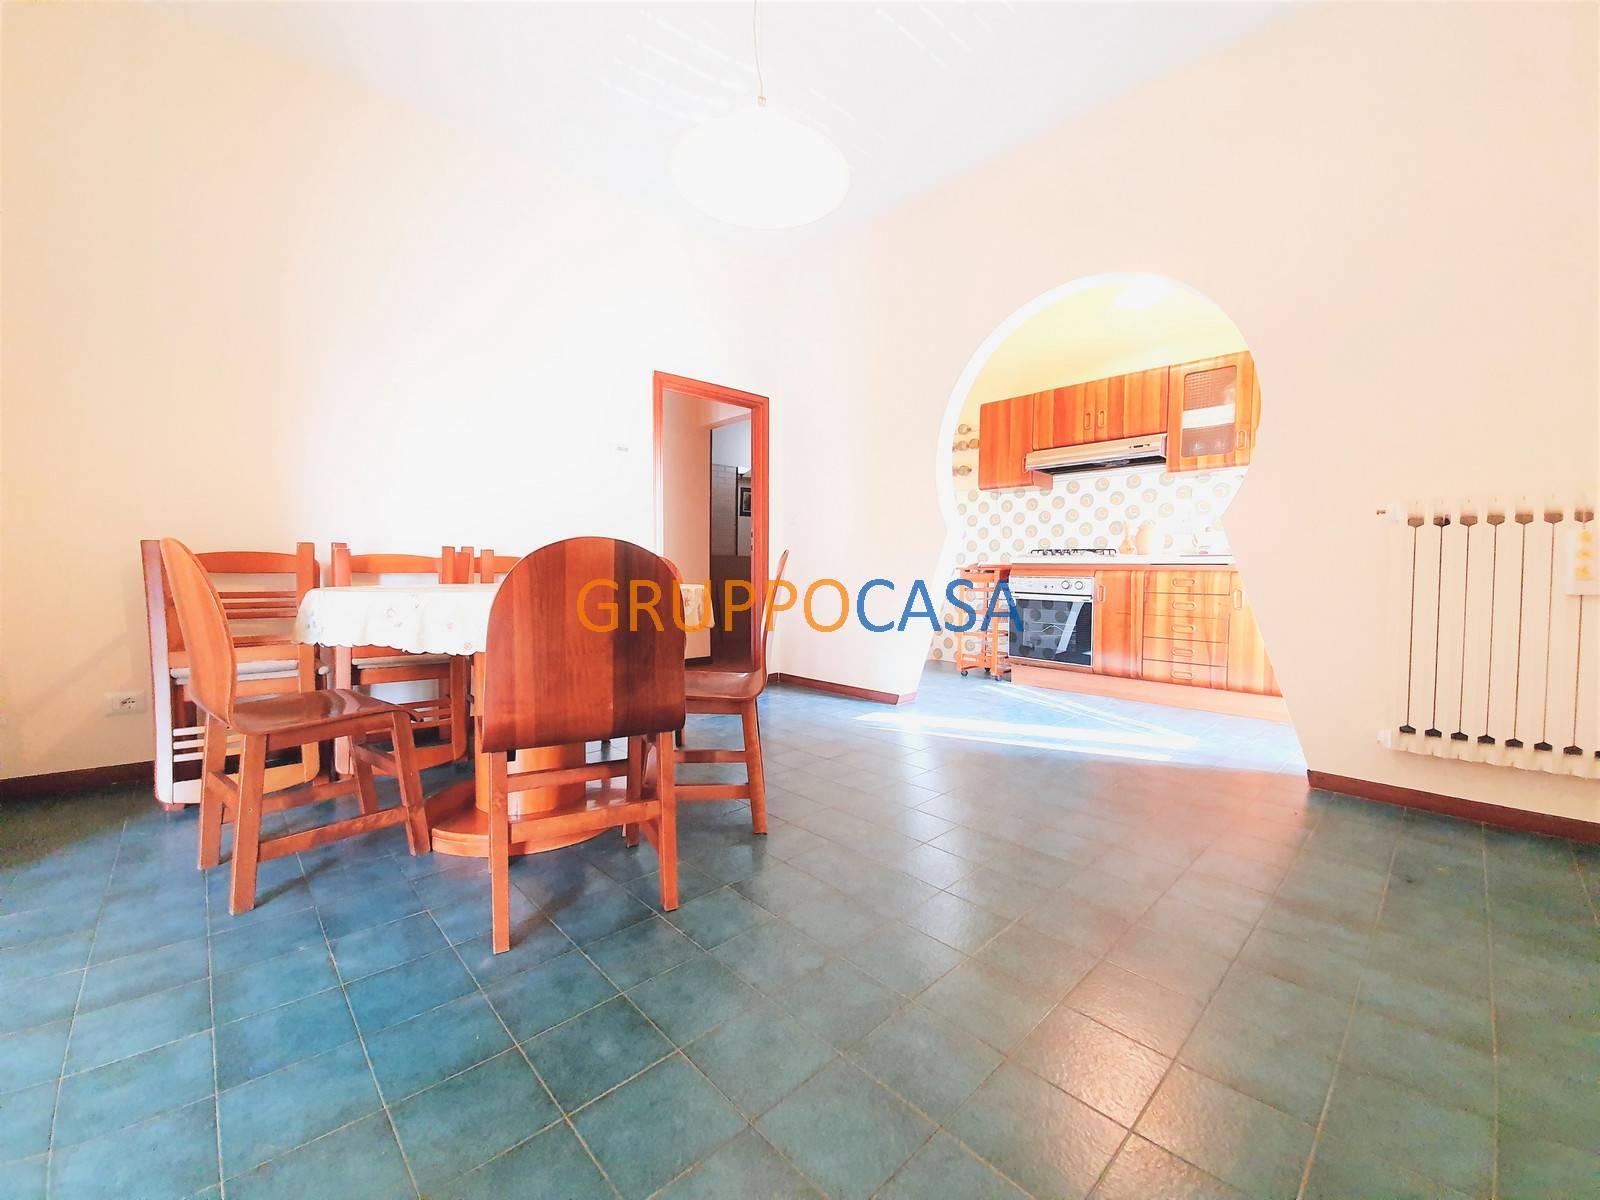 Appartamento in vendita a Castelfranco di Sotto, 5 locali, zona Zona: Orentano, prezzo € 130.000 | CambioCasa.it